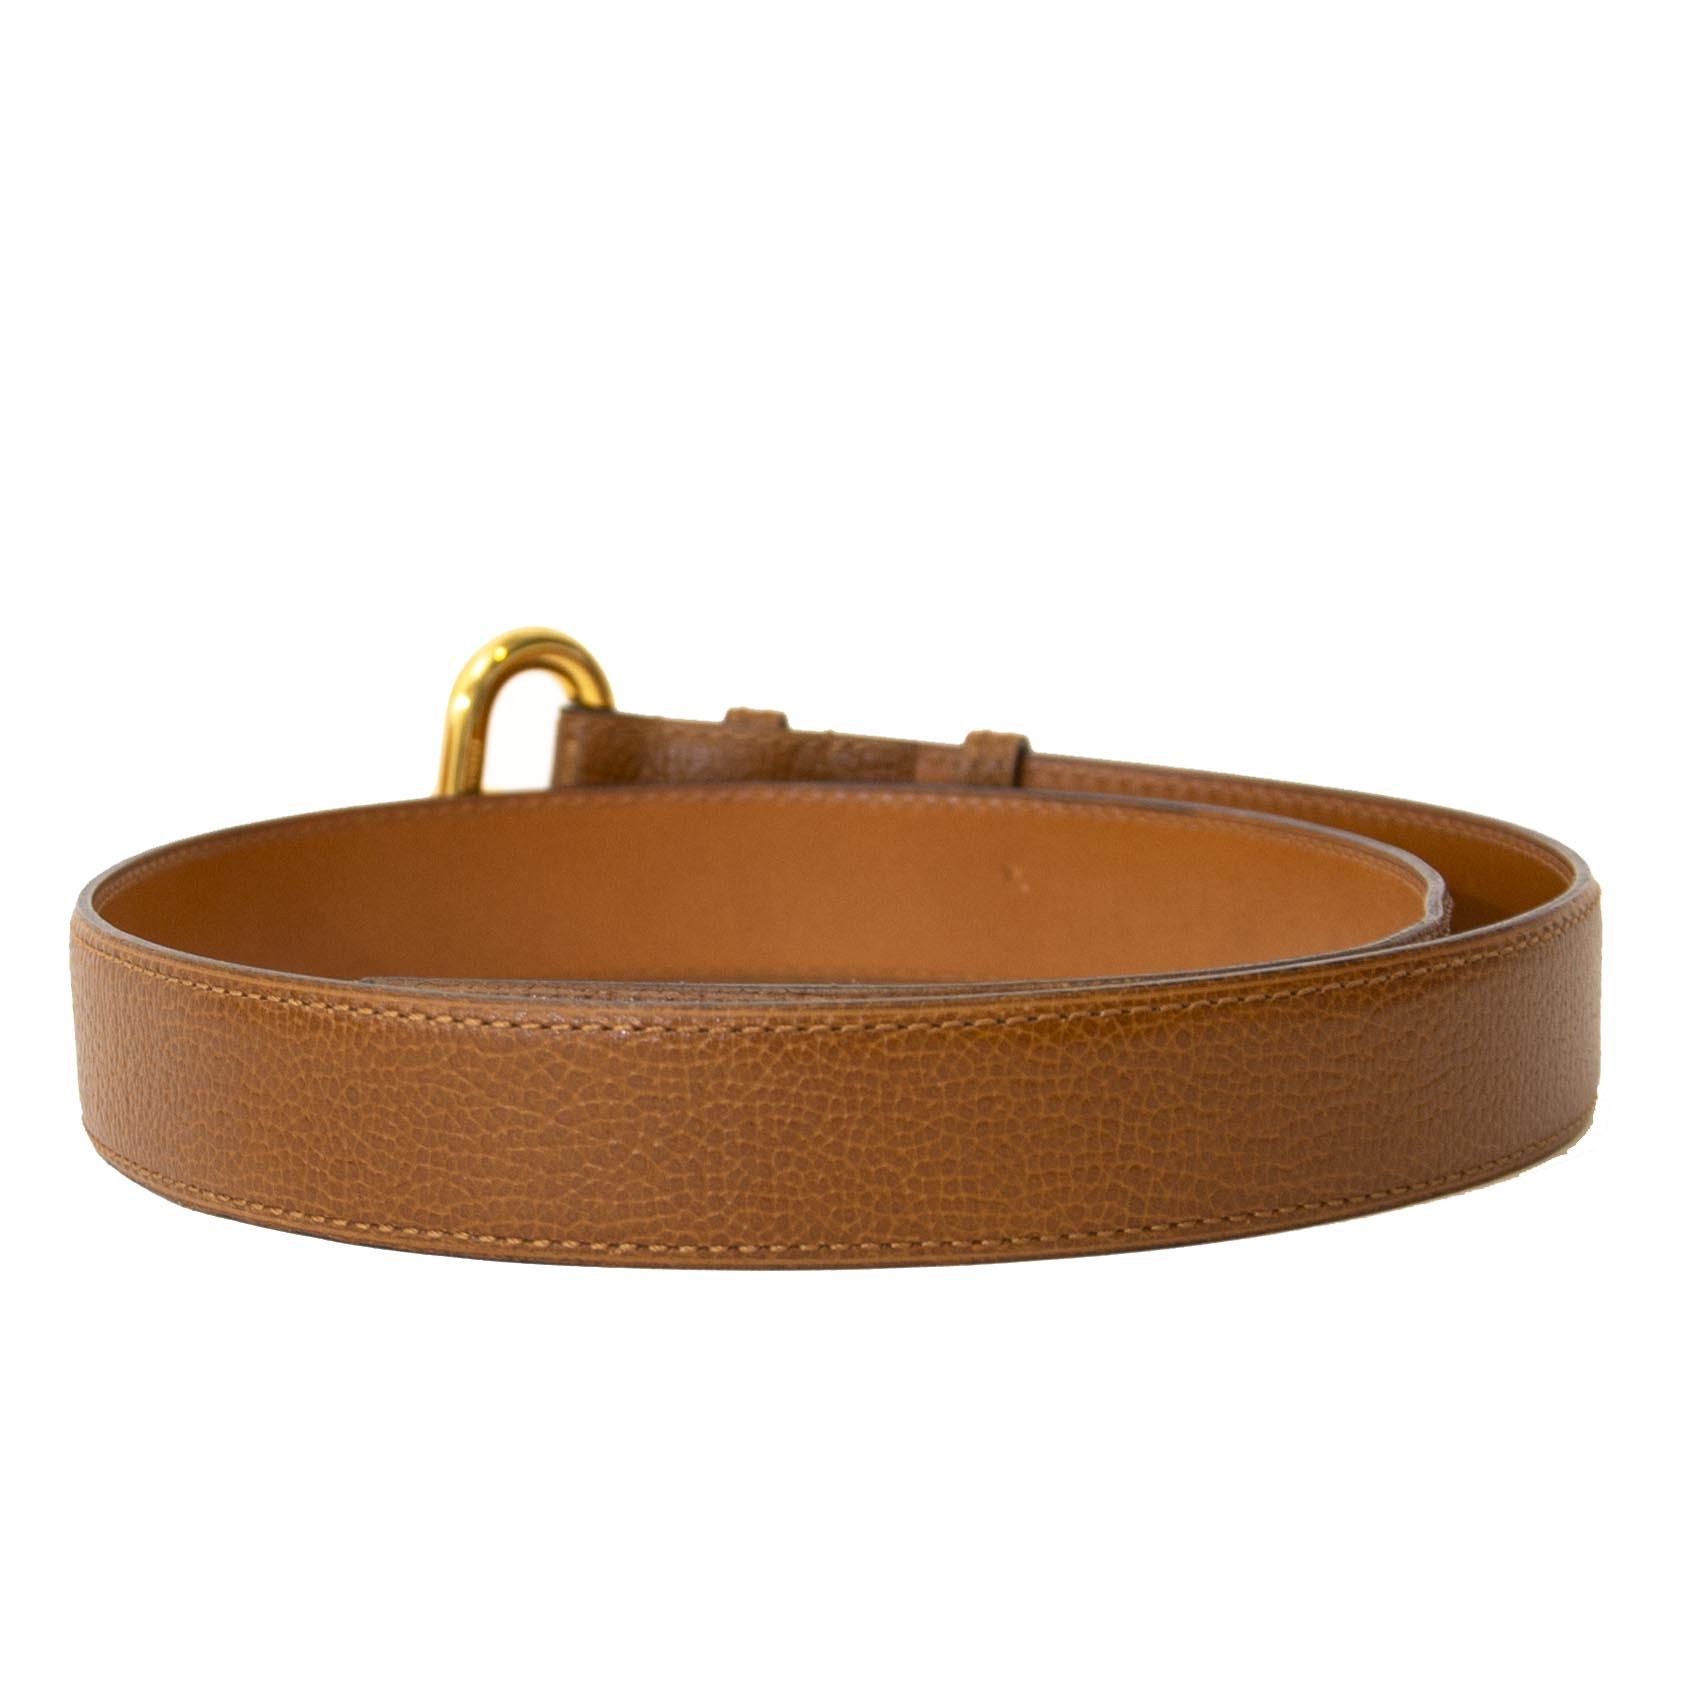 Delvaux Camel Belt - size 80